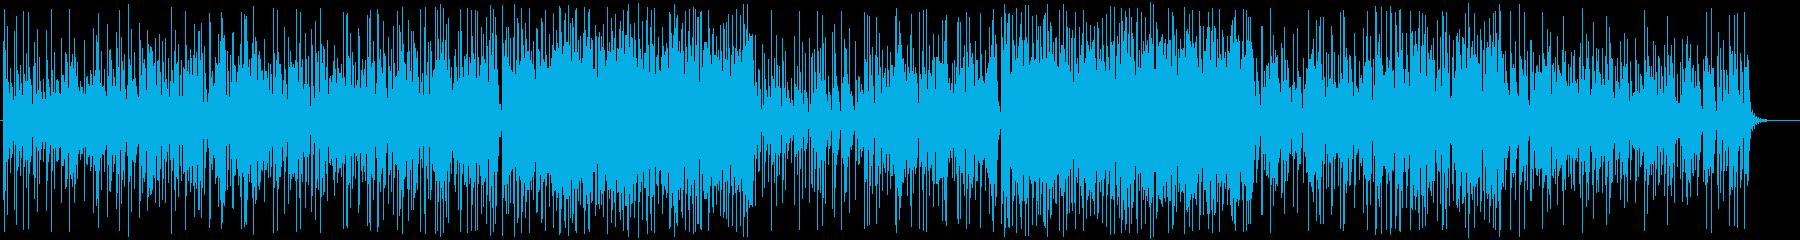 すっきりとしたエレクトロ-空-エモ-PVの再生済みの波形